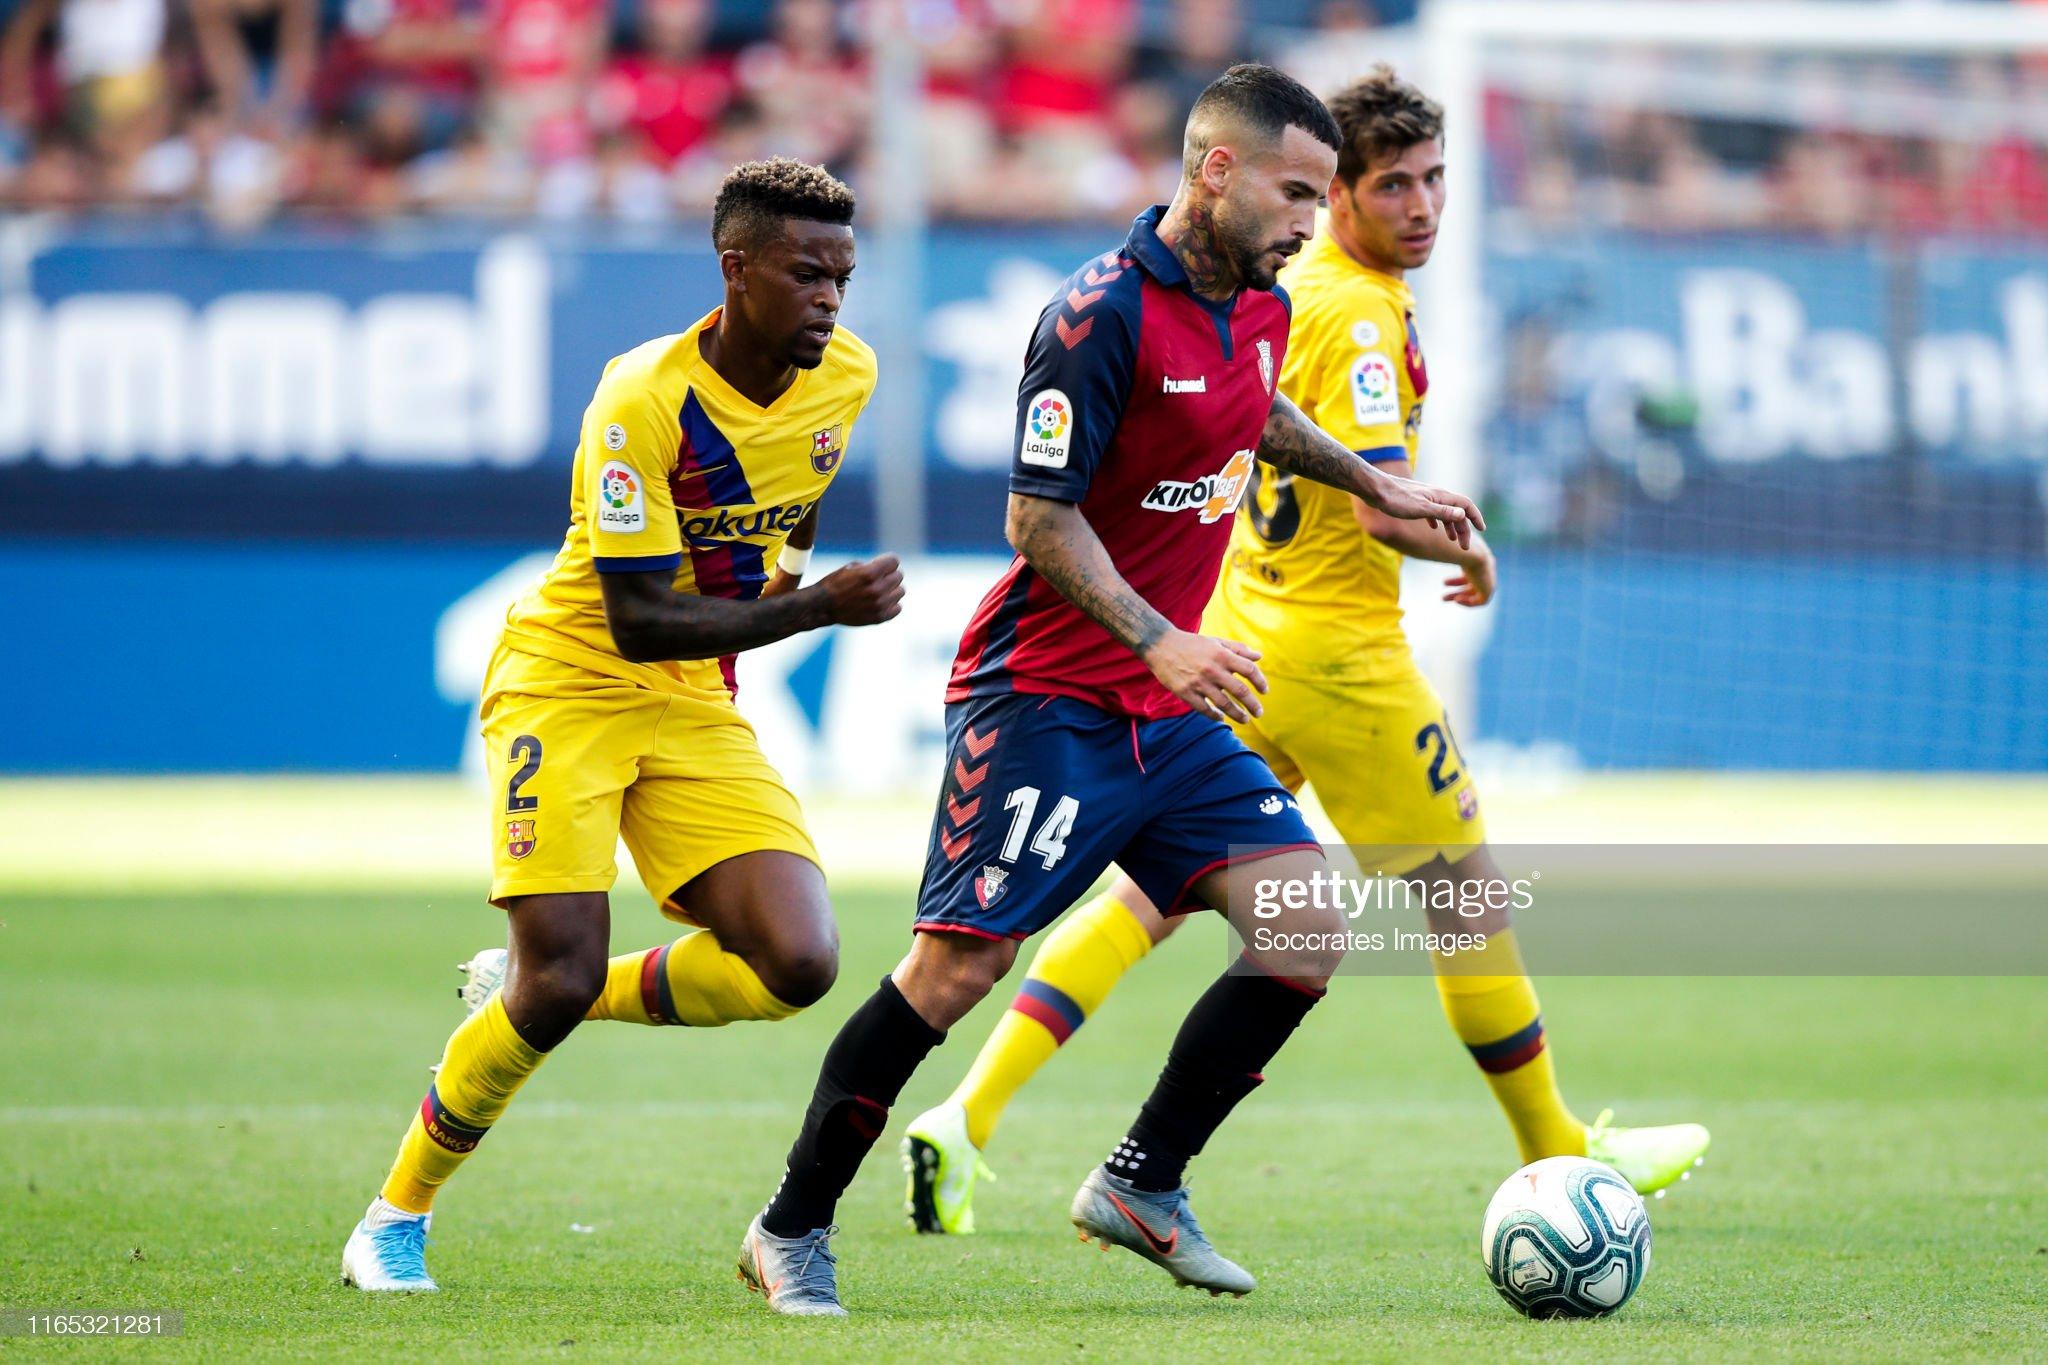 صور مباراة : أوساسونا - برشلونة 2-2 ( 31-08-2019 )  Nelson-semedo-of-fc-barcelona-ruben-garcia-of-ca-osasuna-sergi-of-fc-picture-id1165321281?s=2048x2048